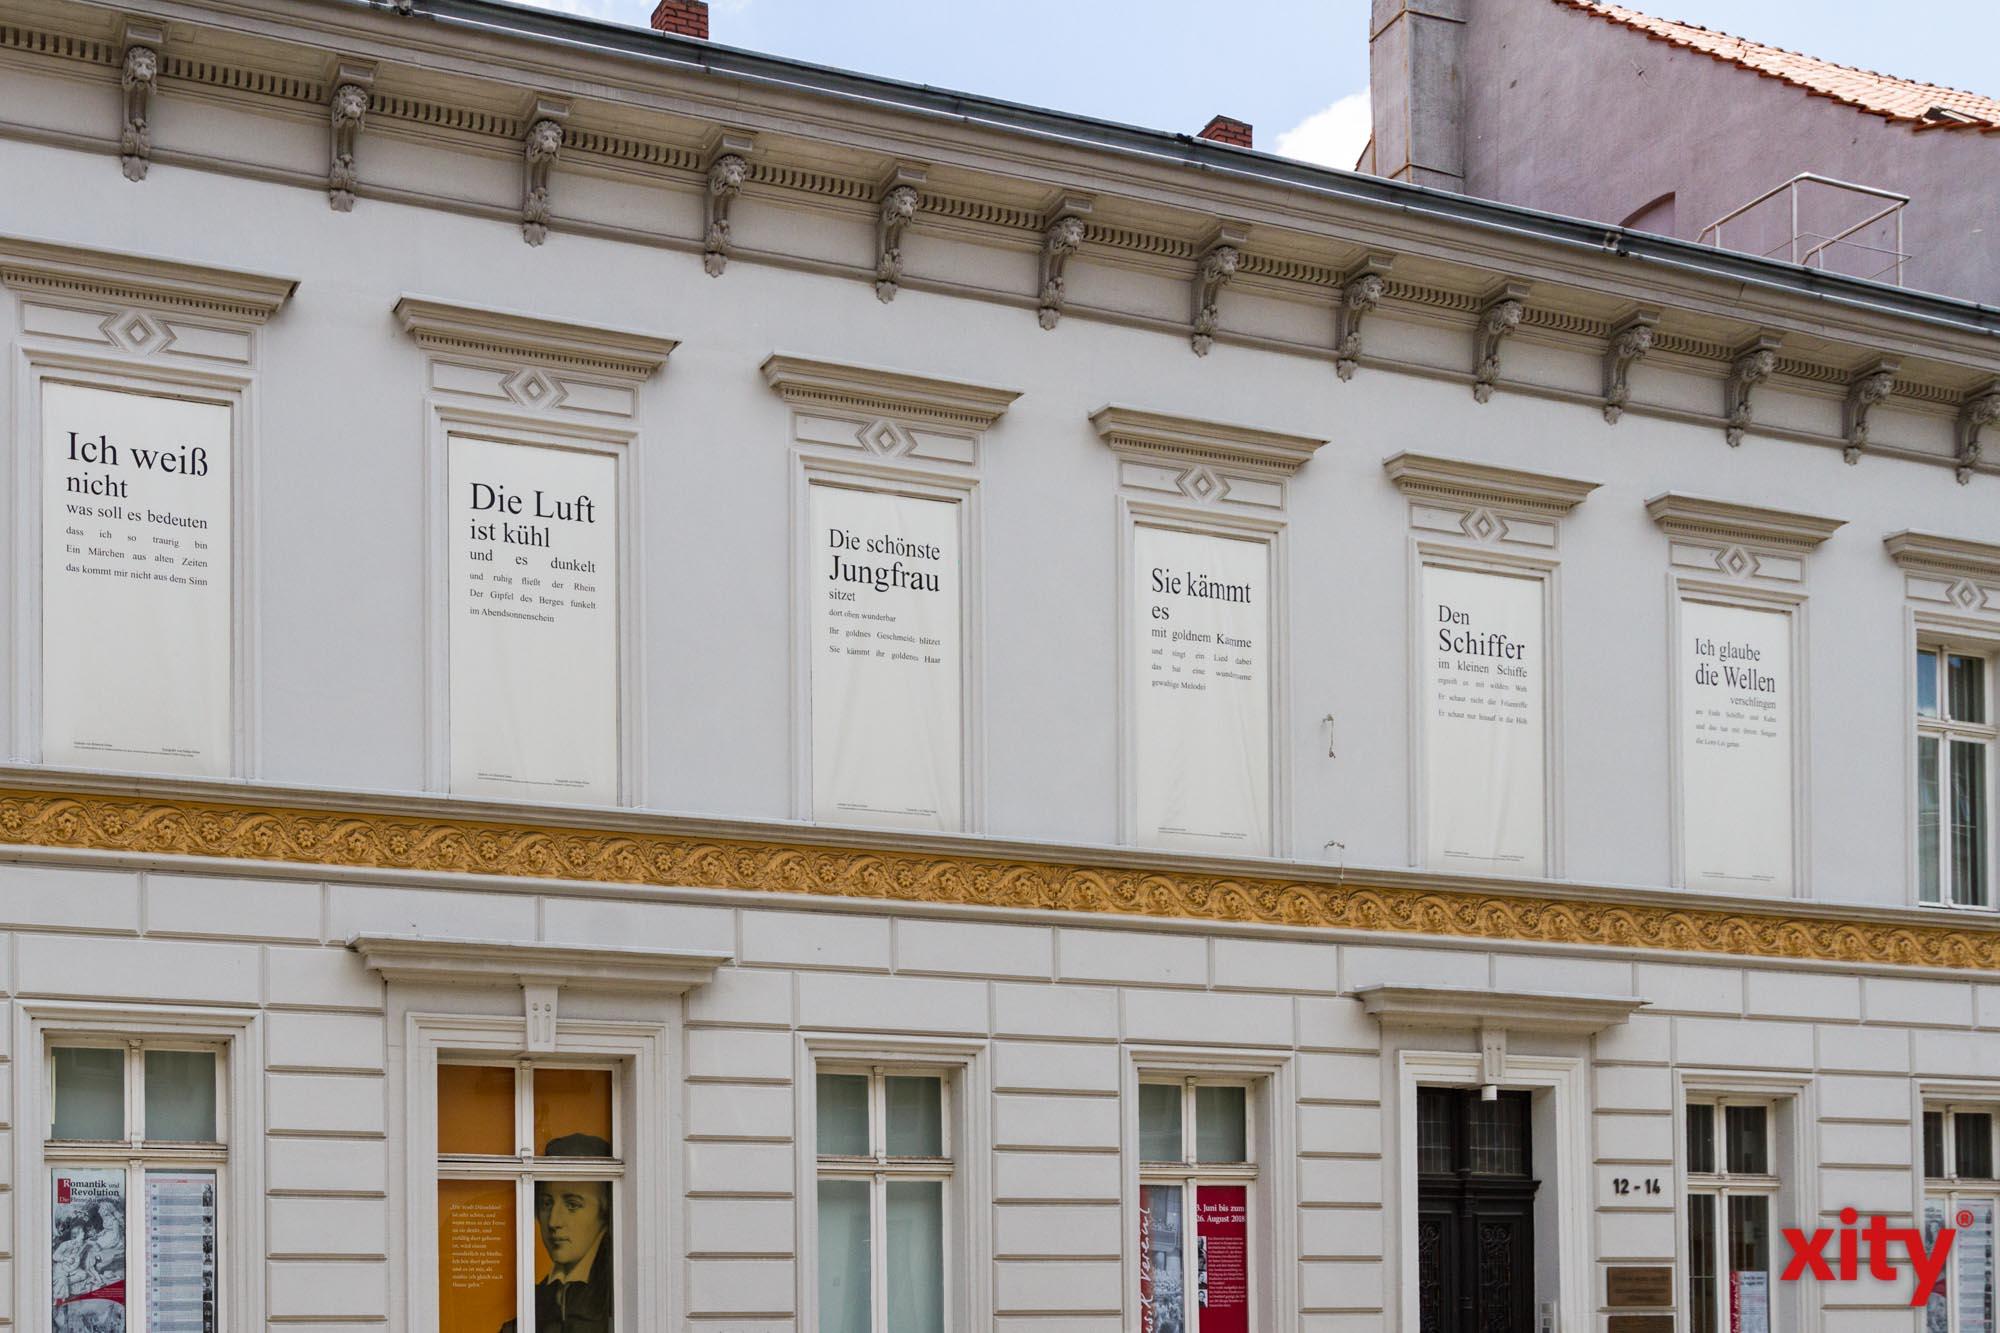 Heine-Aufführung zur Eröffnung der Düsseldorfer Literaturtage(Foto: xity)